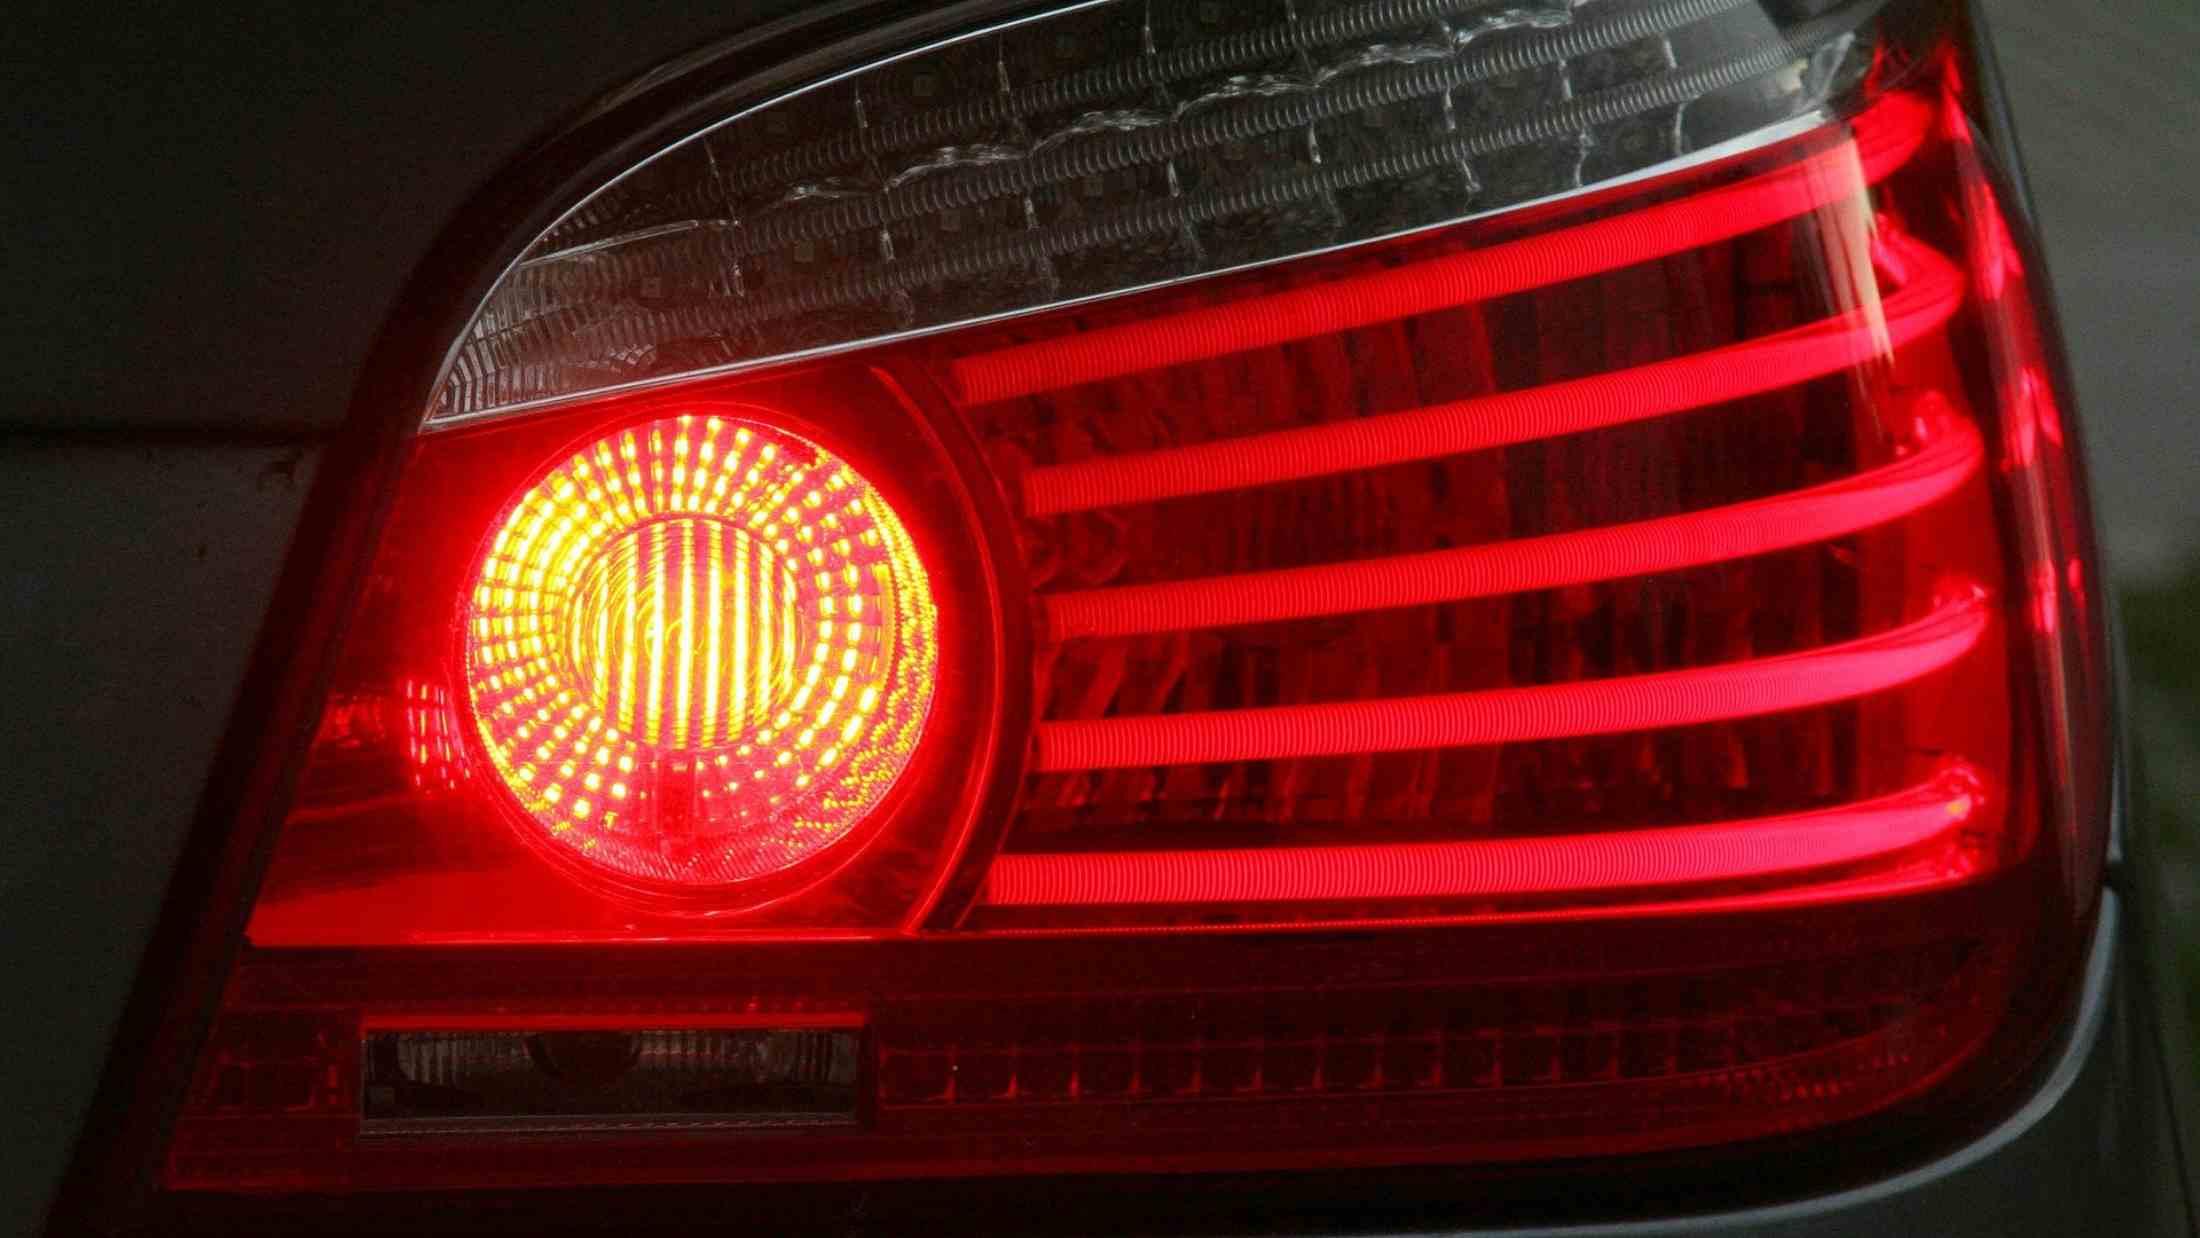 Rear brake lights